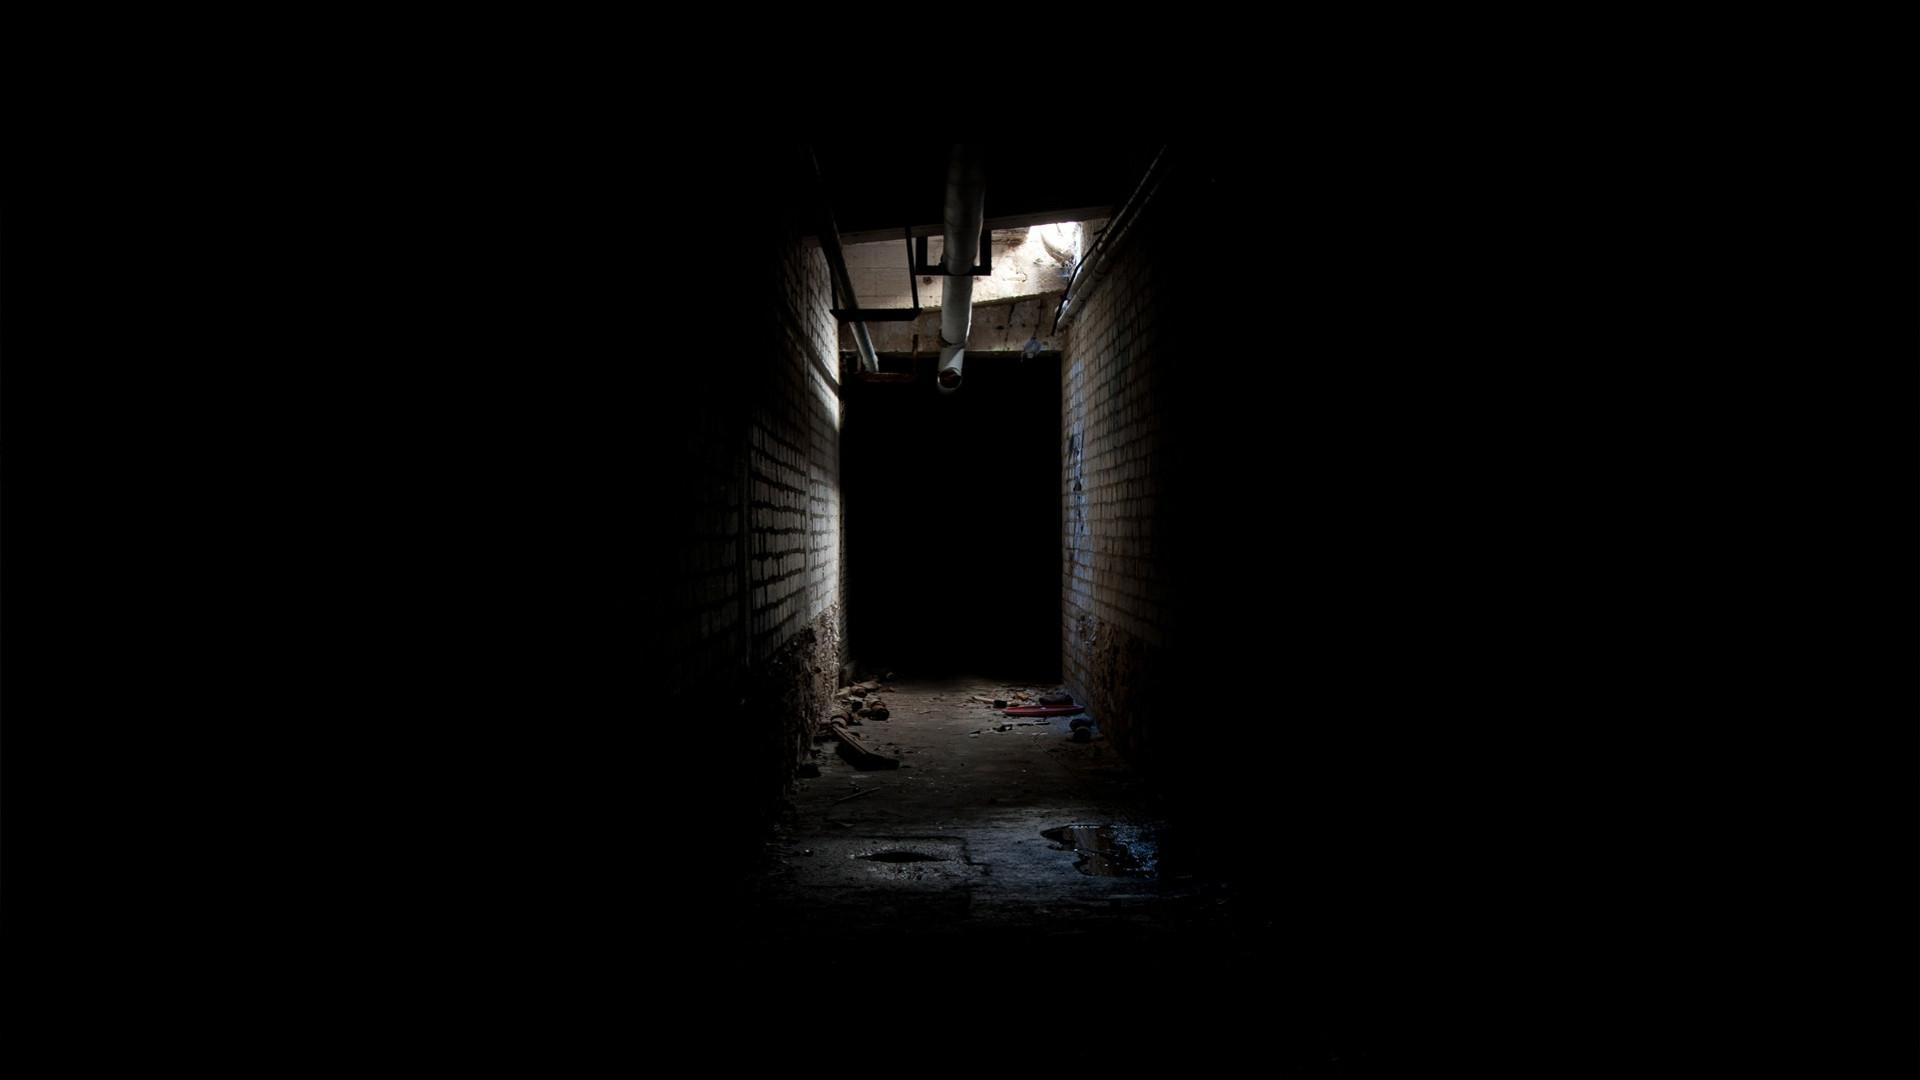 Creepy Corridor Hallway Black dark creepy wallpaper   .